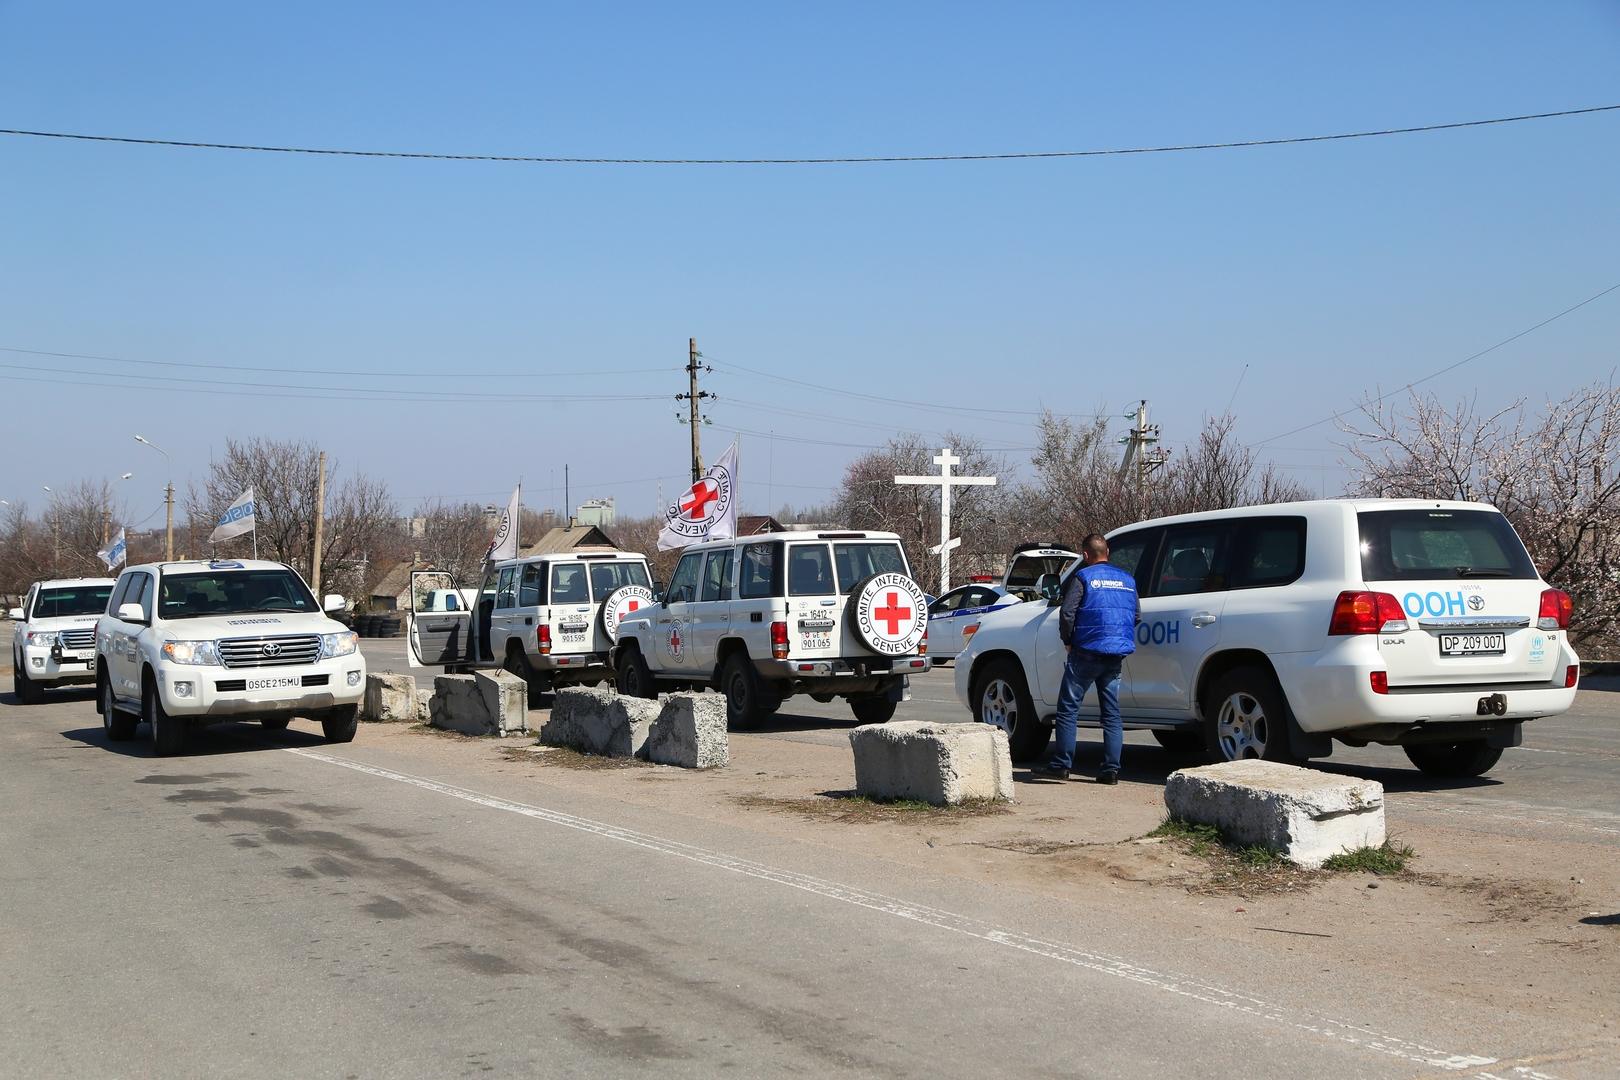 الخارجية الروسية: الأحاديث حول نزاع محتمل بين أوكرانيا وروسيا مزيفة